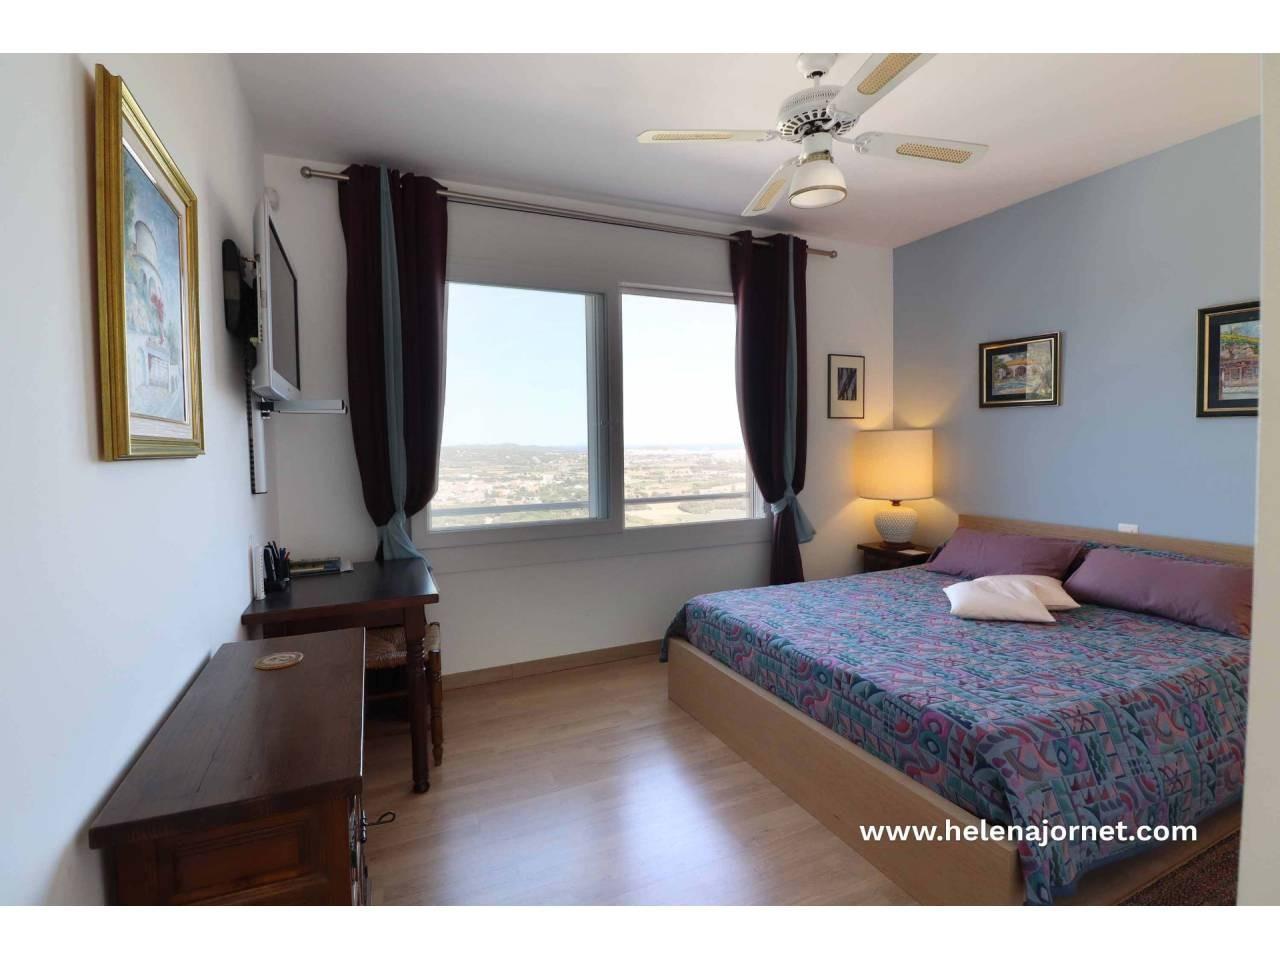 Magnifique maison avec beaucoup de style et une vue imprenable dans une zone privilégiée de Calonge - 1017